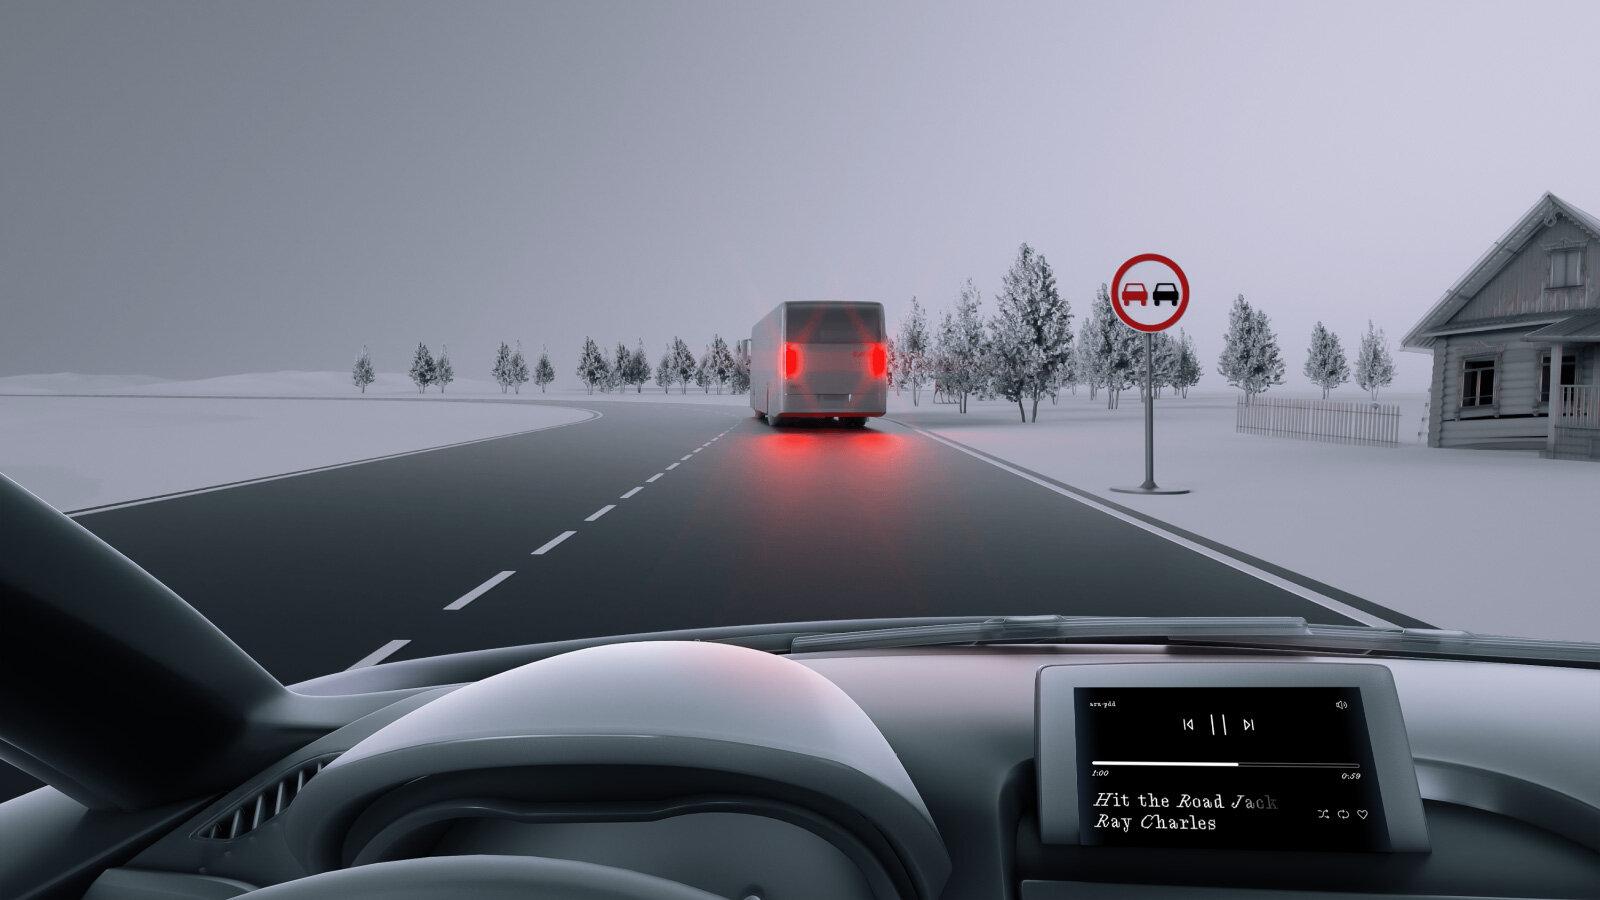 Можно обогнать автобус или нет: задача на знание ПДД, в которой легко ошибиться